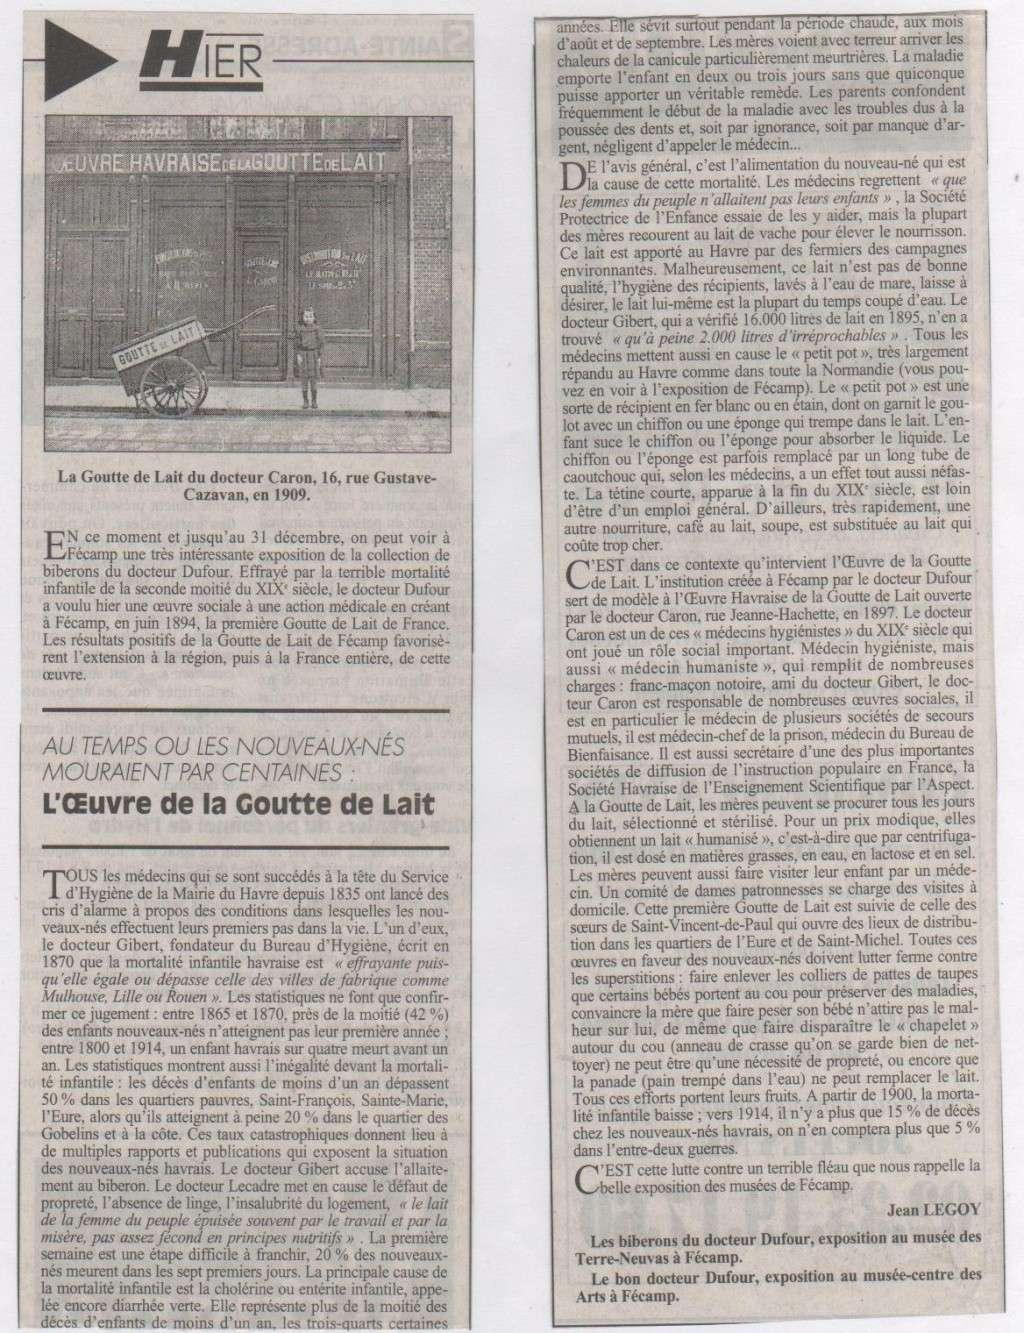 Hier, Le Havre par Jean LEGOY - Page 3 La_gou10